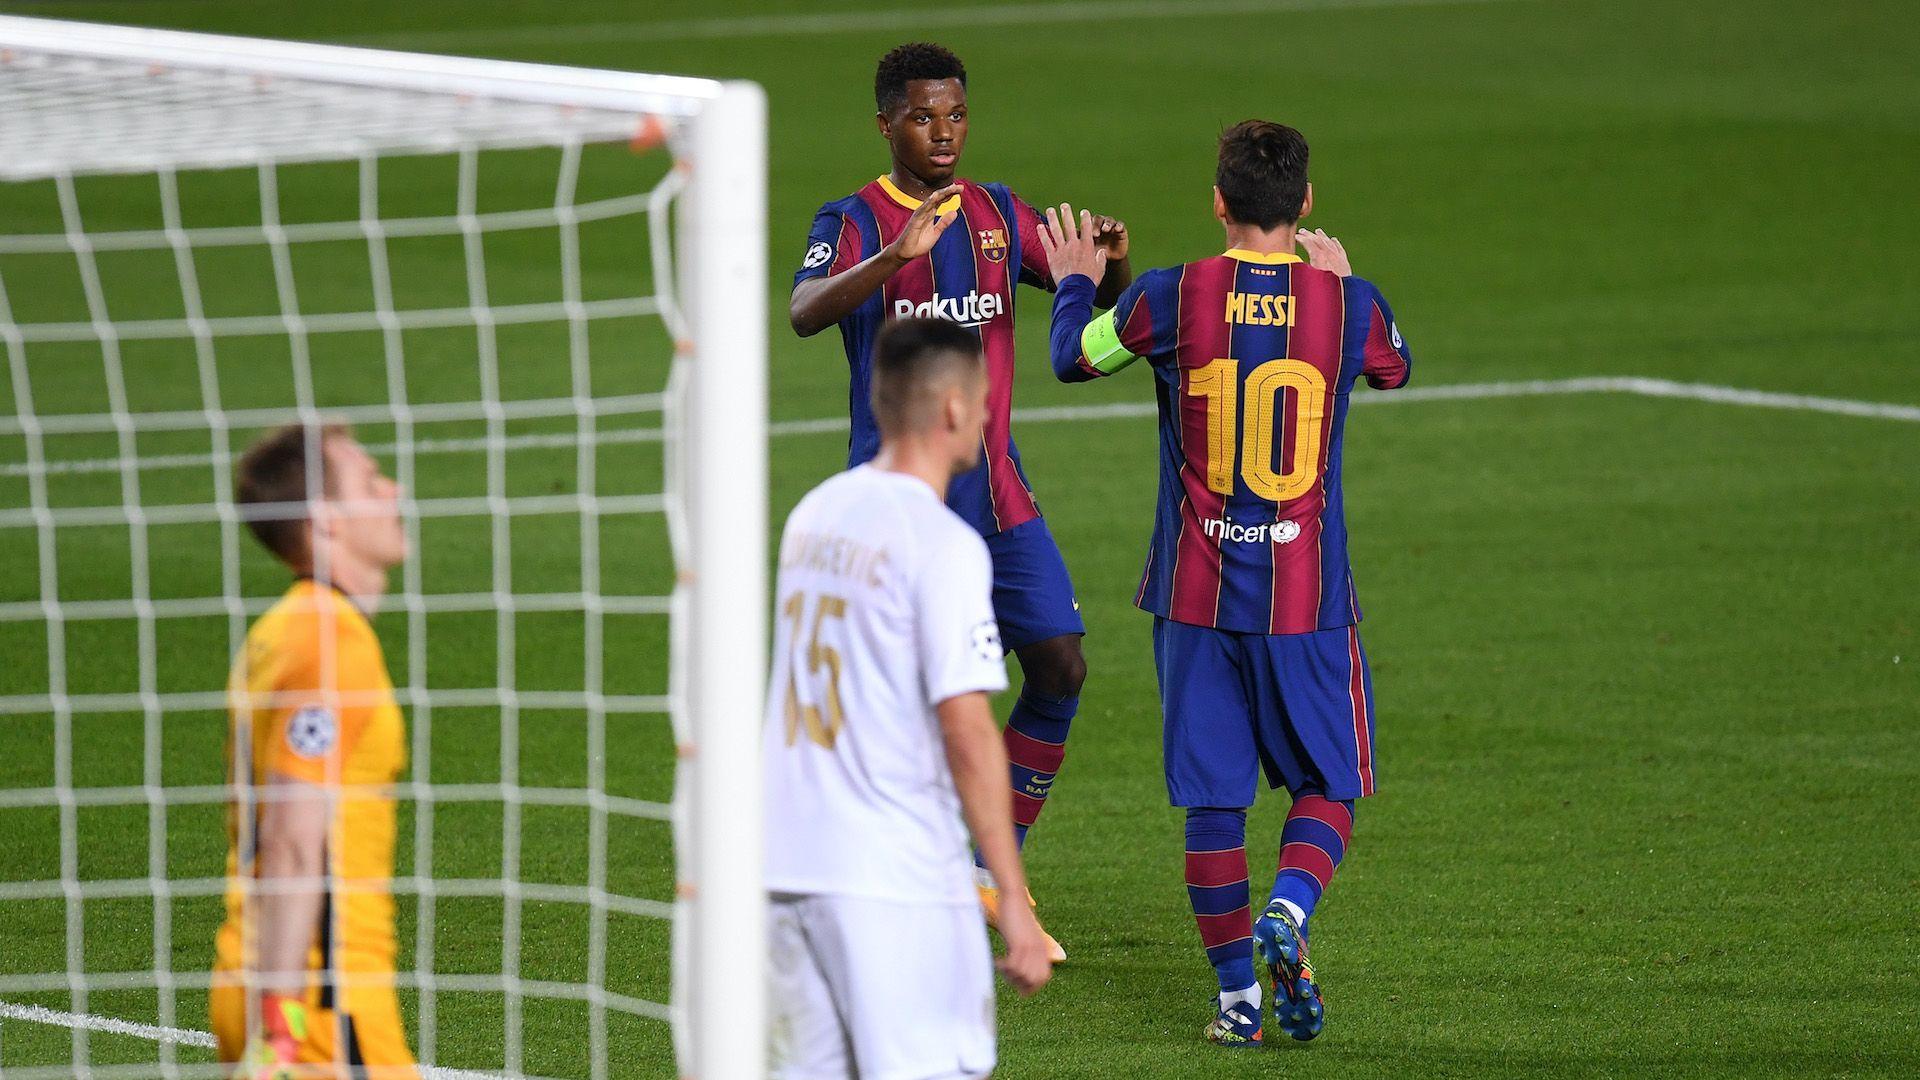 Фантастични Фати и Меси вдъхновиха Барселона (резултати от Шампионската лига)